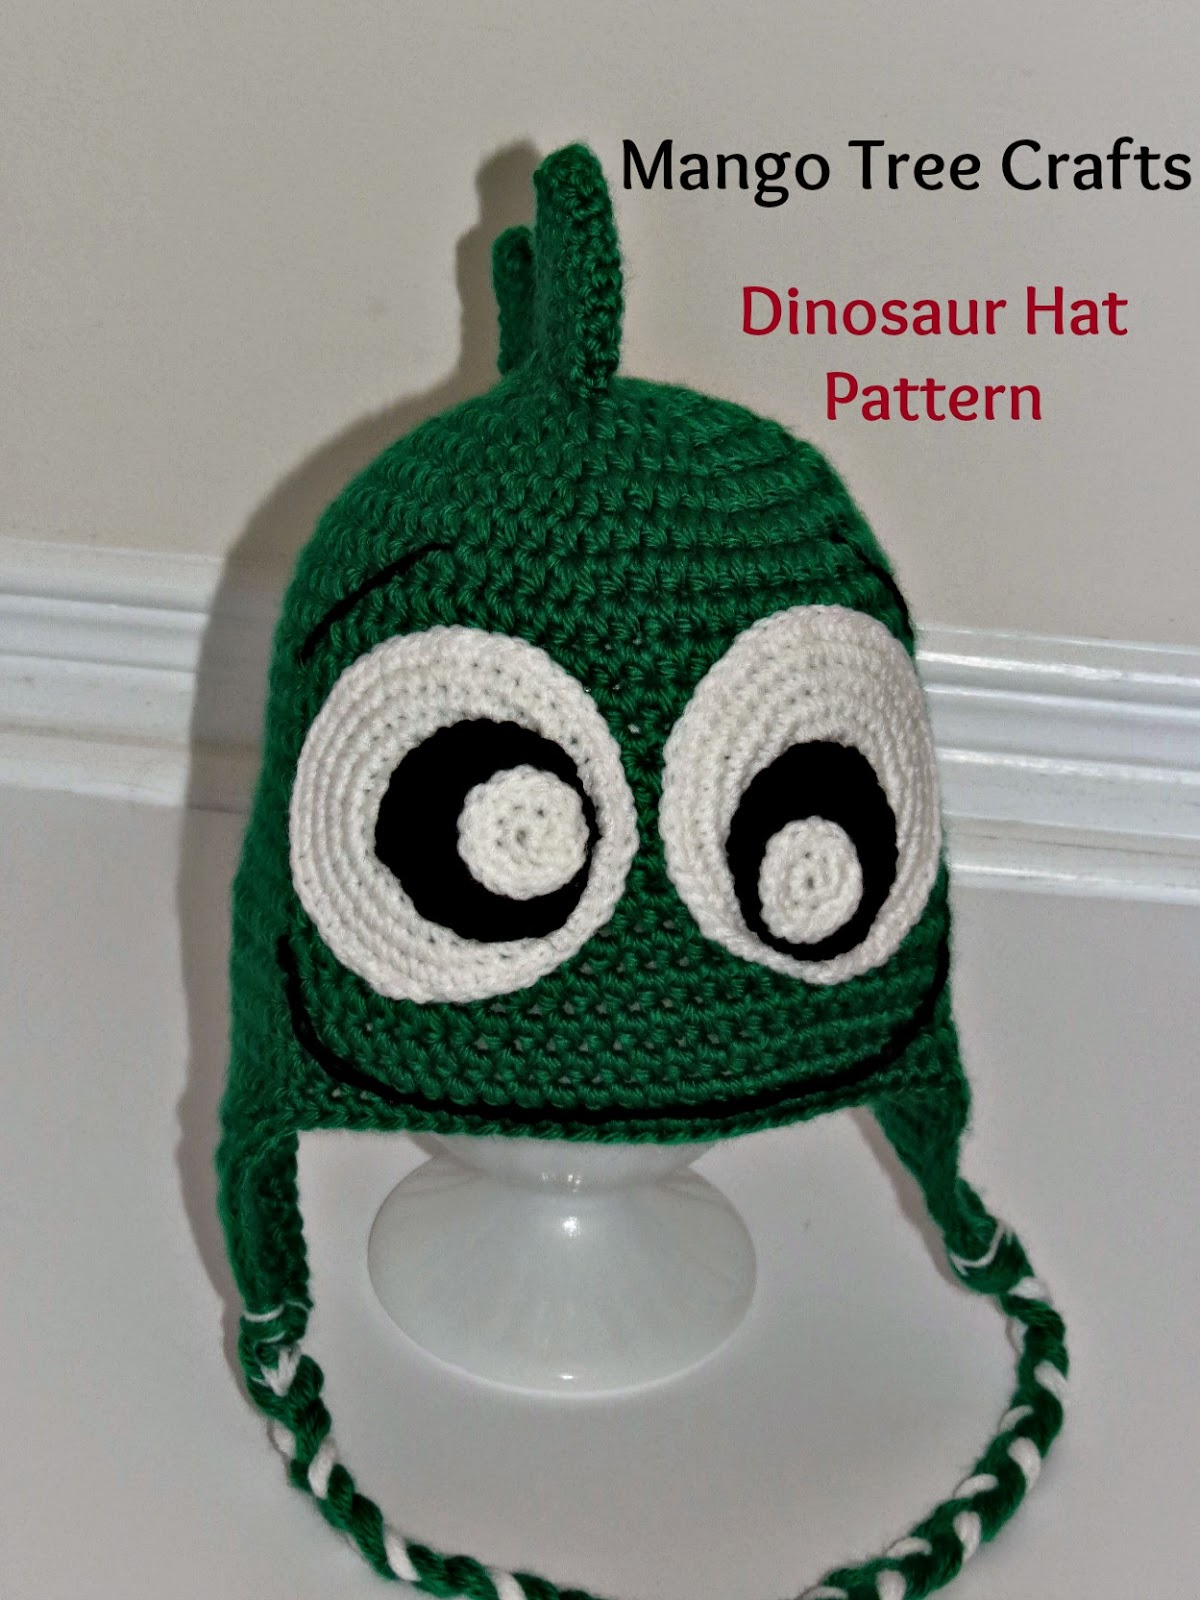 Dinosaur crochet pattern